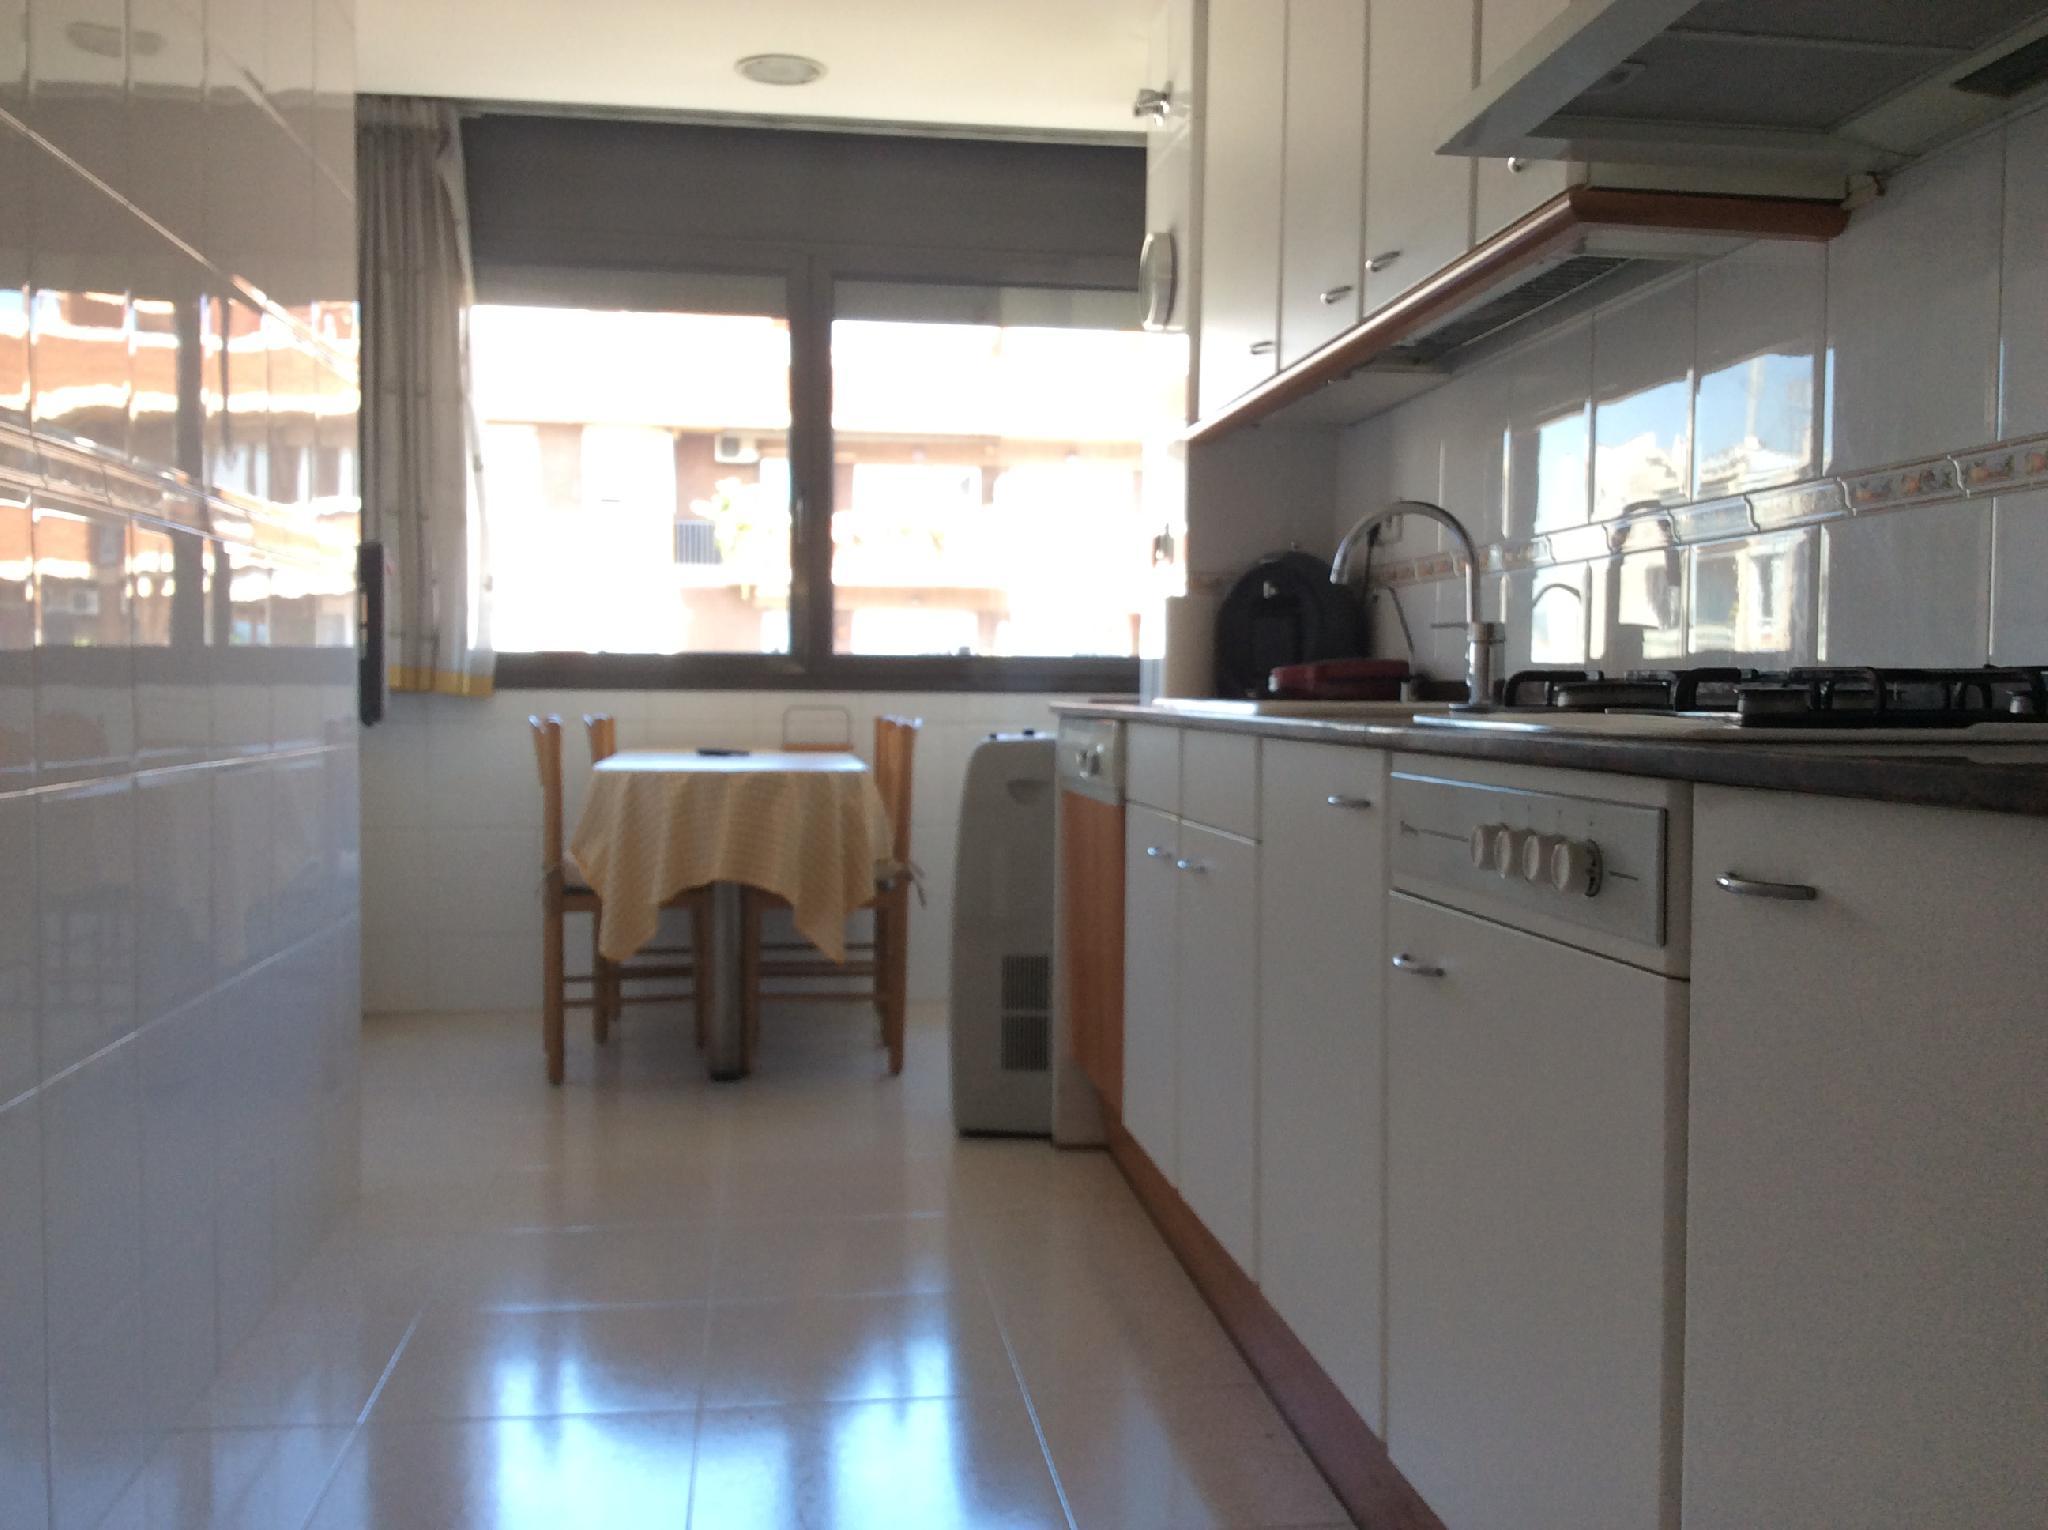 Pisos alquiler sabadell baratos simple local comercial en calle can oriac sabadell with pisos - Pisos en alquiler en barcelona baratos ...